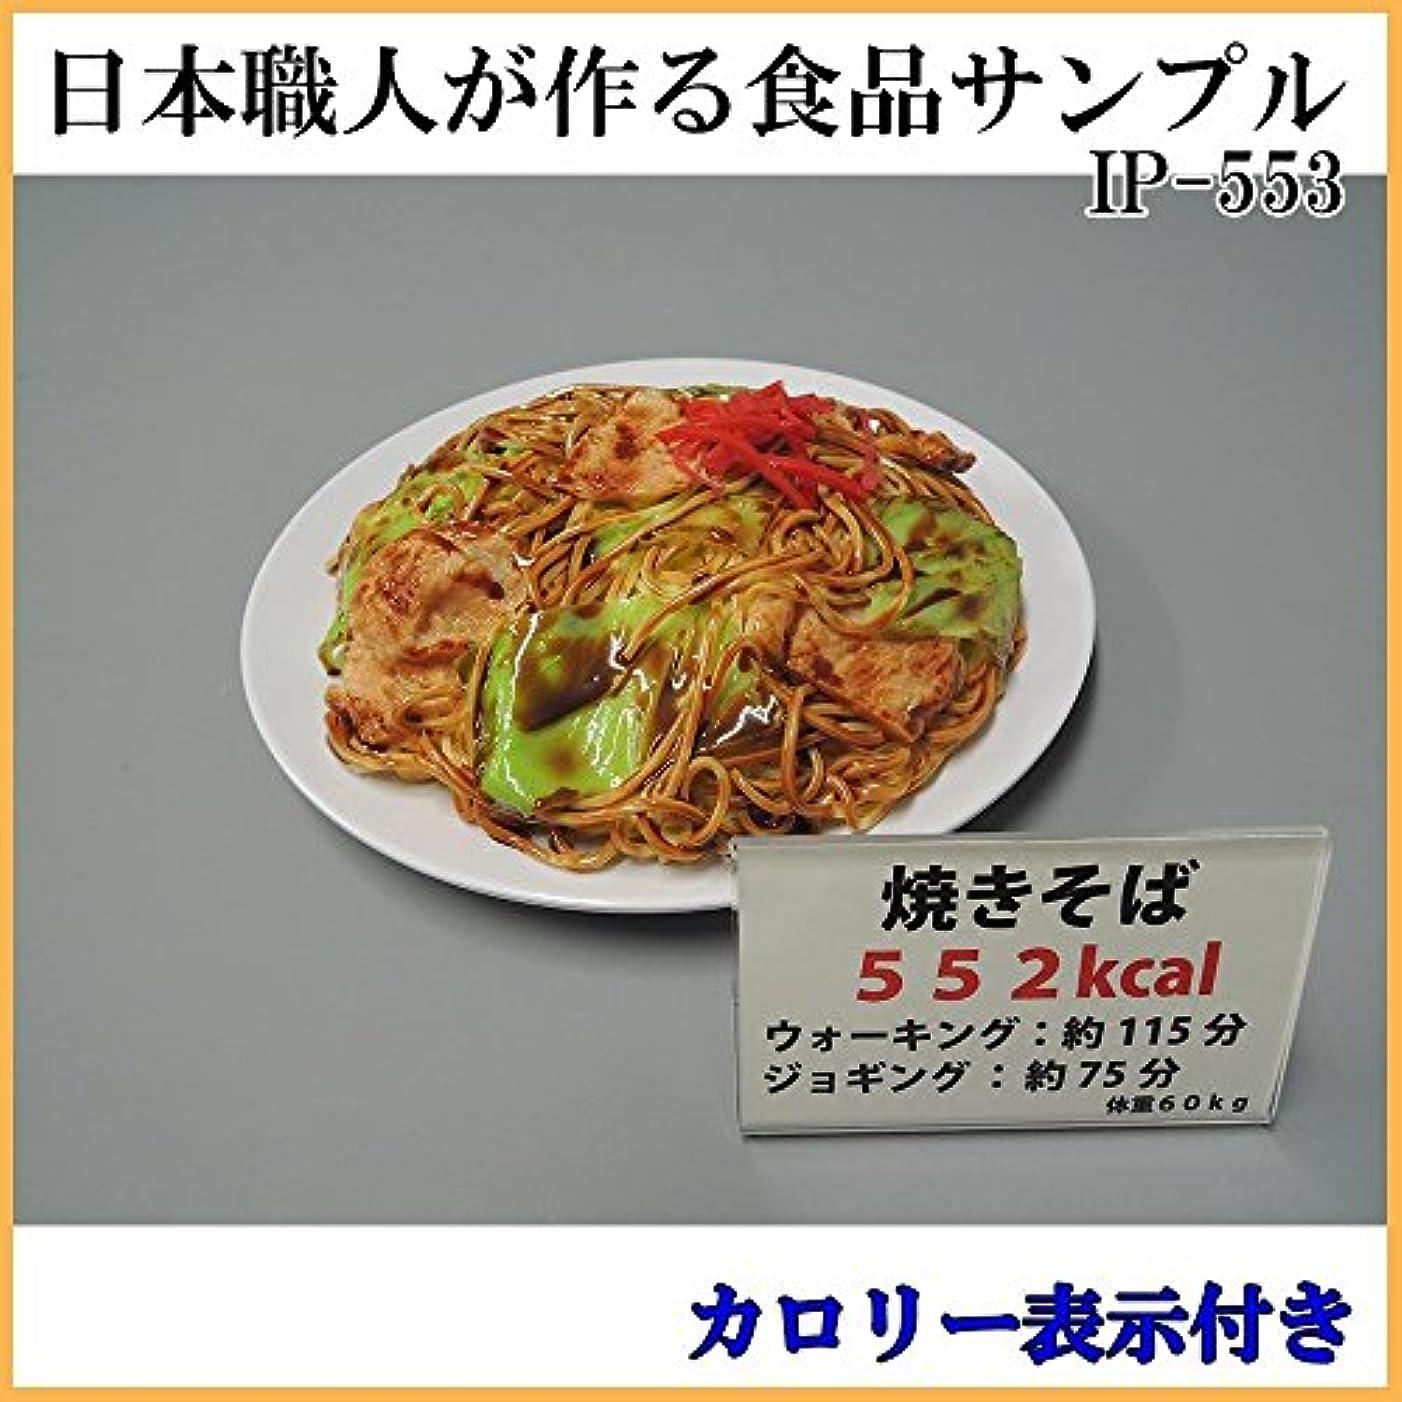 十一警察署震える日本職人が作る 食品サンプル カロリー表示付き 焼きそば IP-553